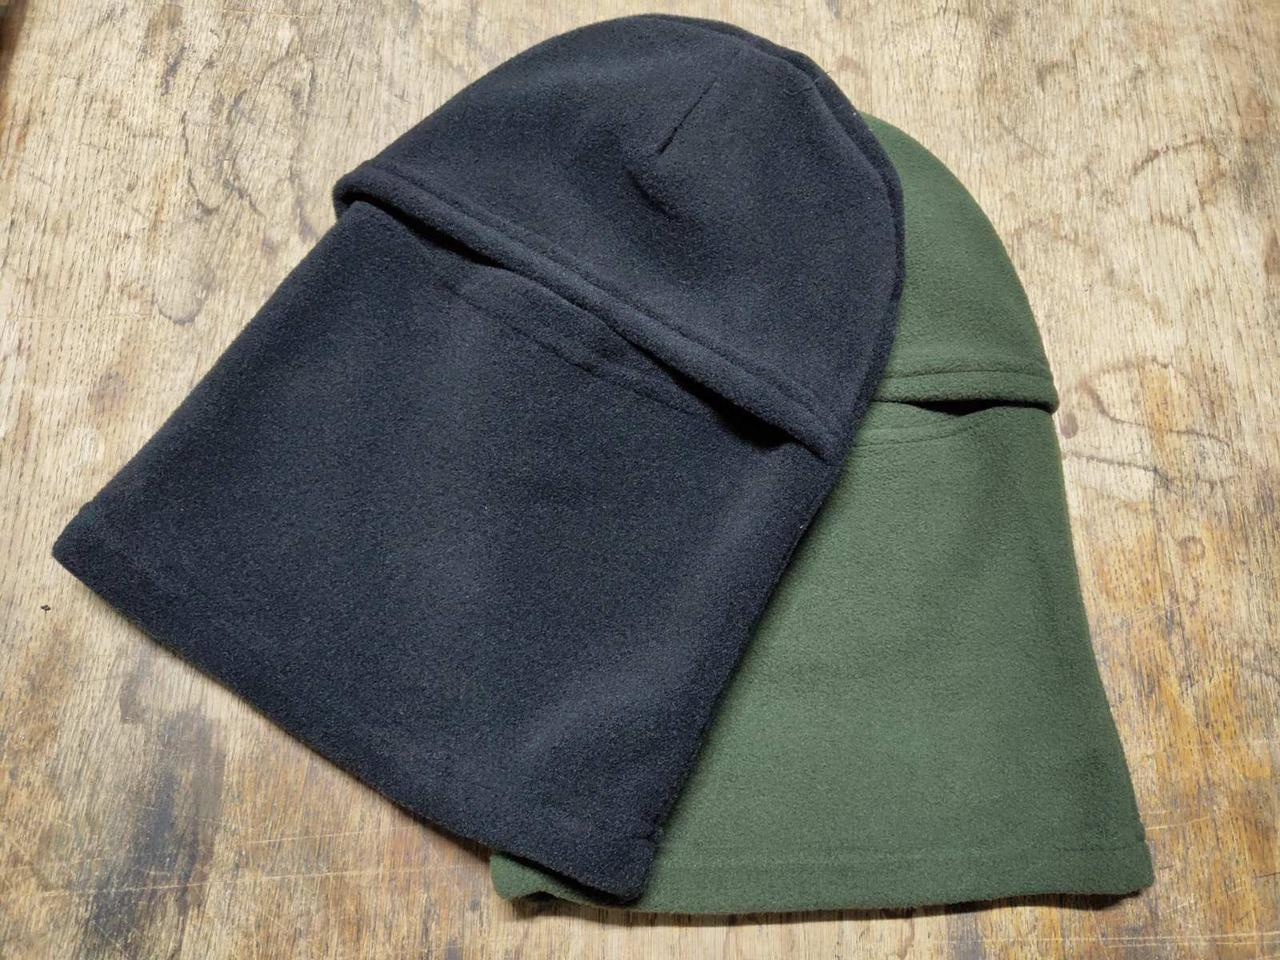 Балаклавы флисовые Хаки на осень - зиму, теплые, код: 405.